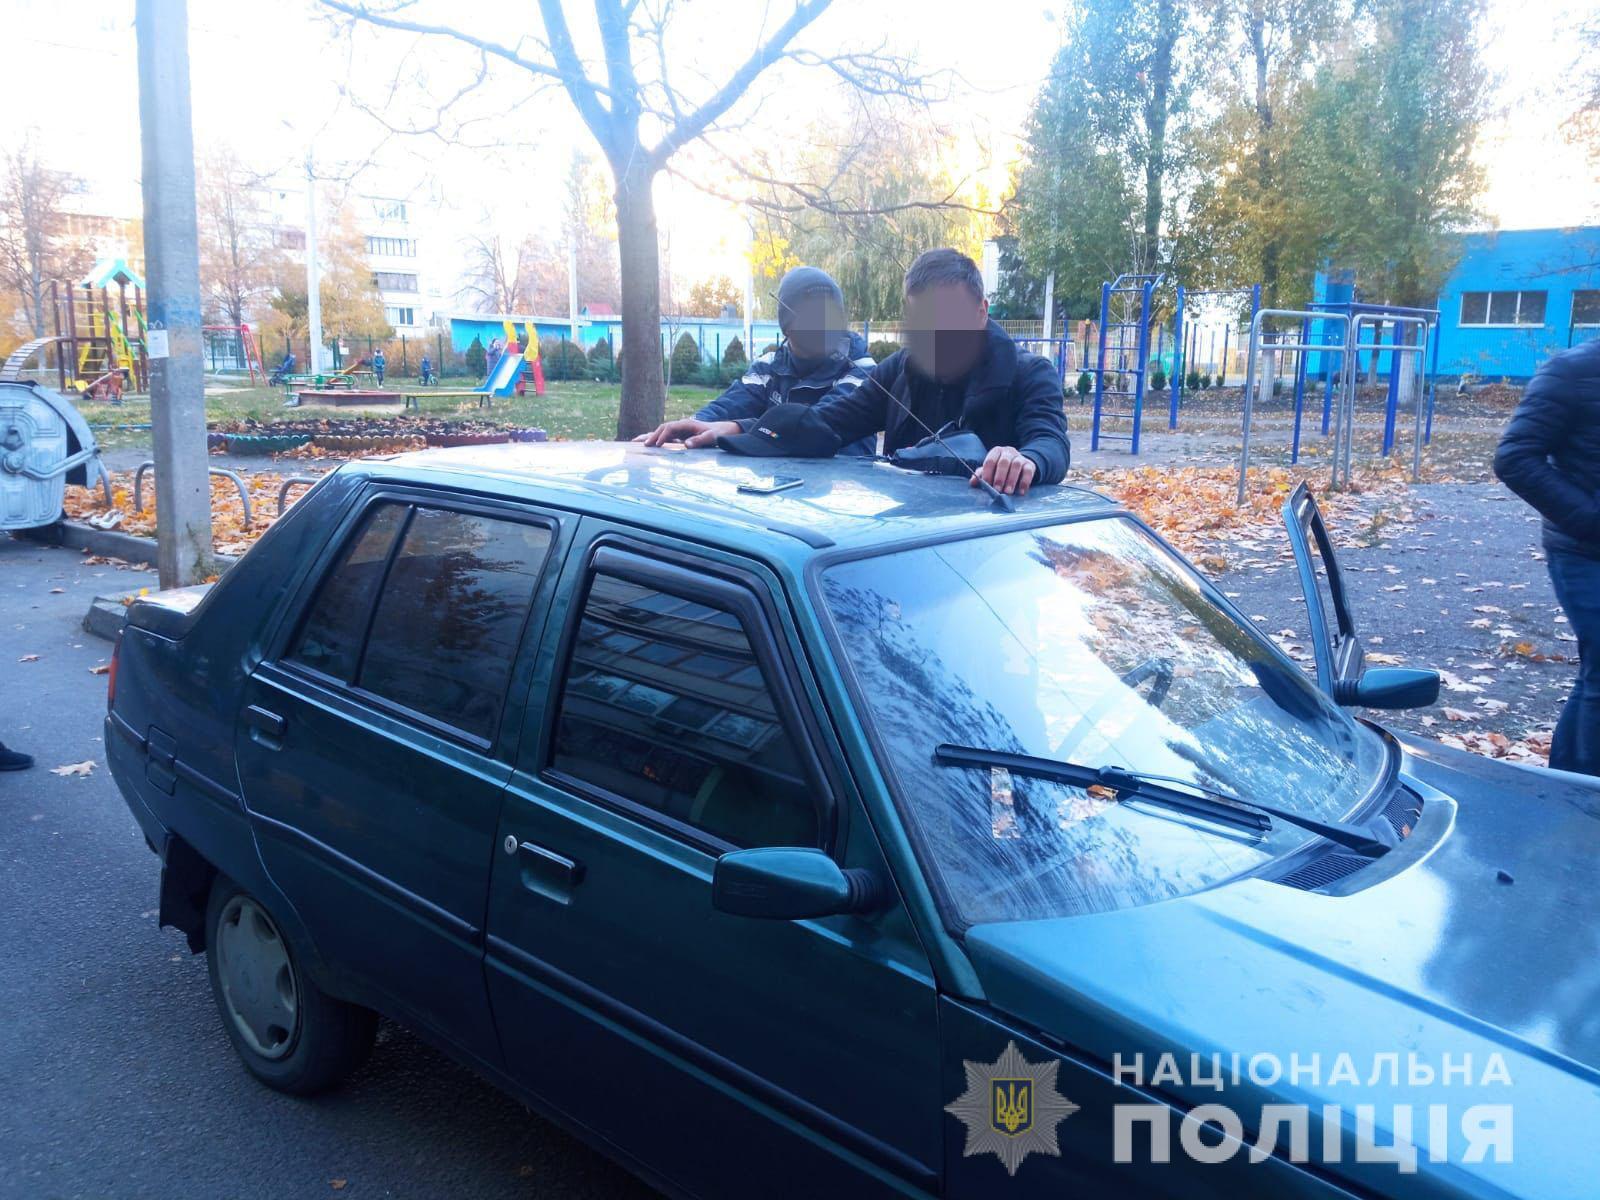 Происшествия Харьков: На улице Грицевца нашли угнанный «ЗАЗ Славута»